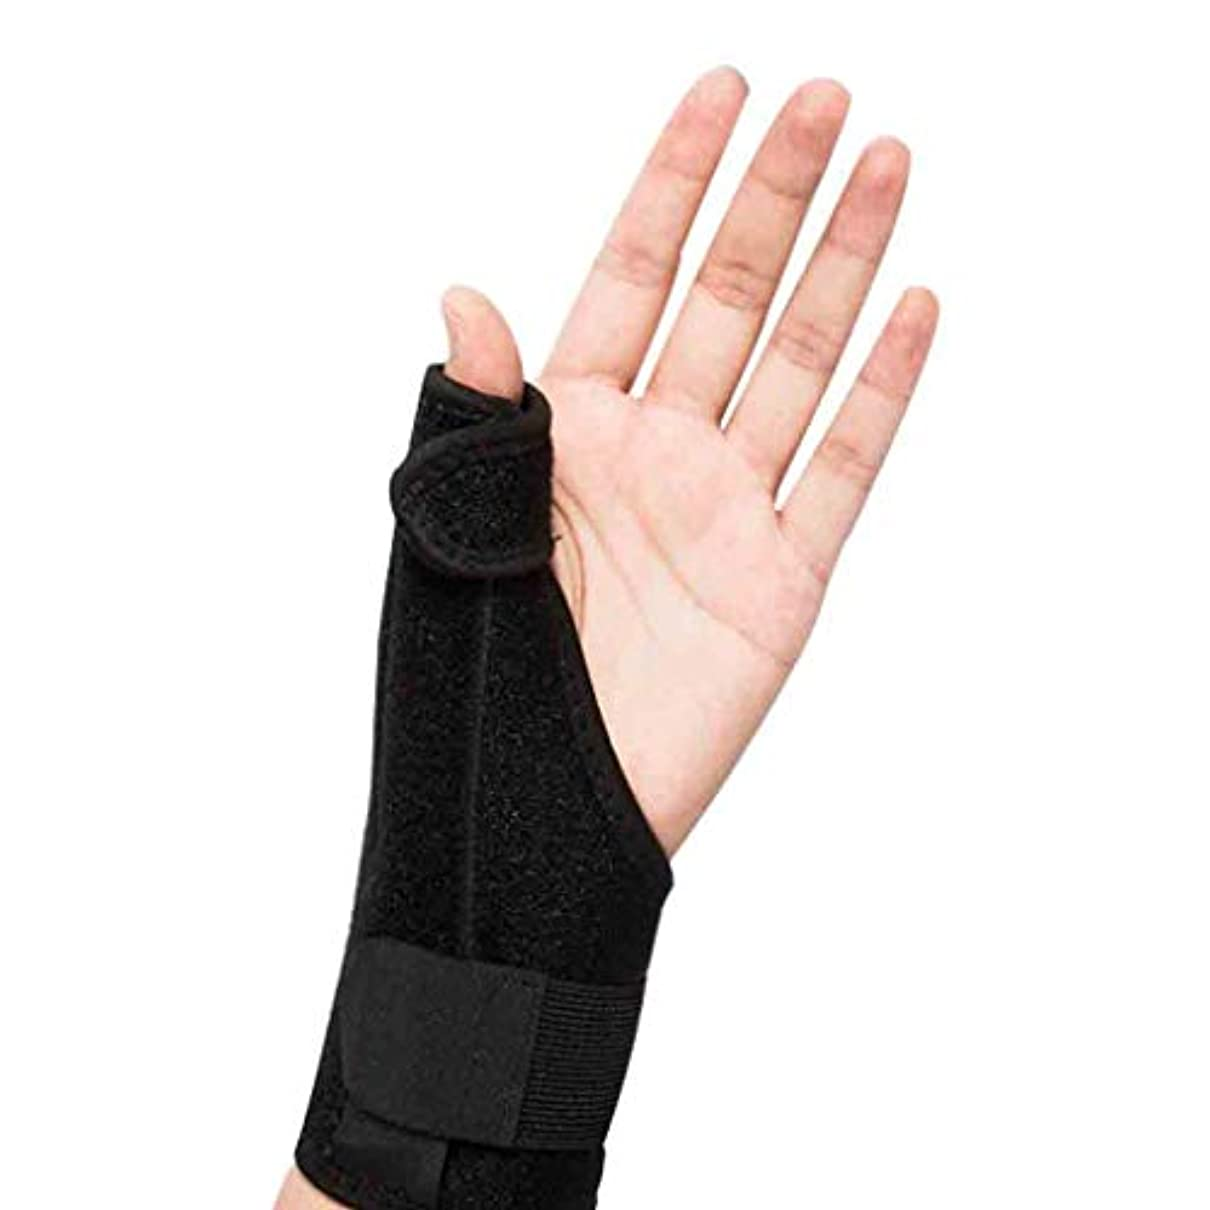 可能性便利キャンパスThumbスプリントトリガーThumb腱鞘炎Wristband関節炎トリートメントThumb捻挫の関節を固定&安定化するブレース Roscloud@